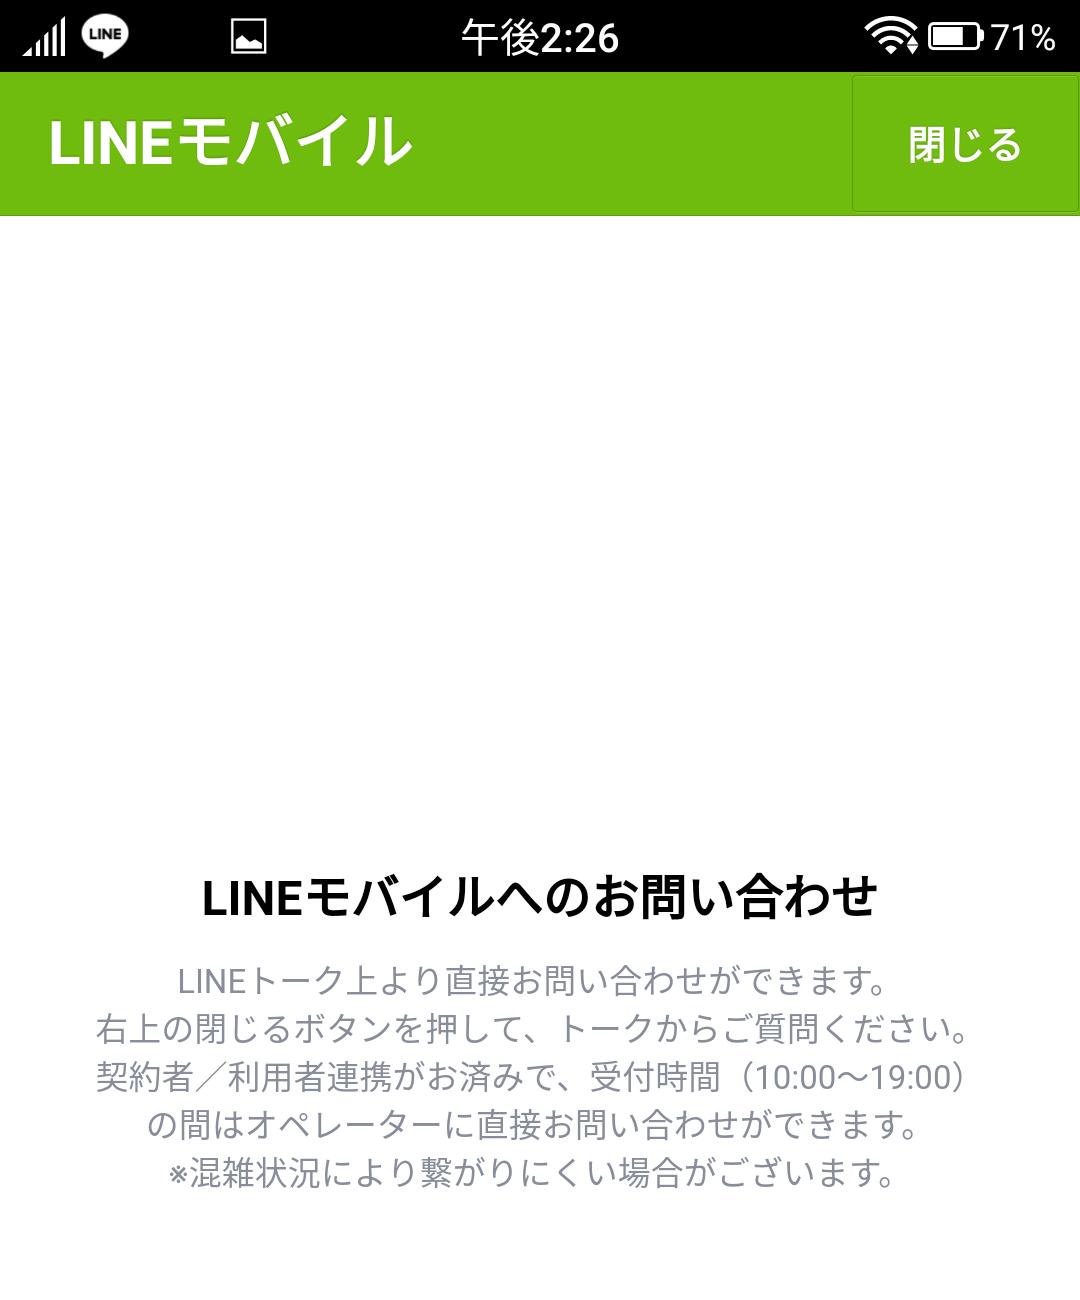 LINEモバイル:LINEアカウントでサポートを受ける。その2